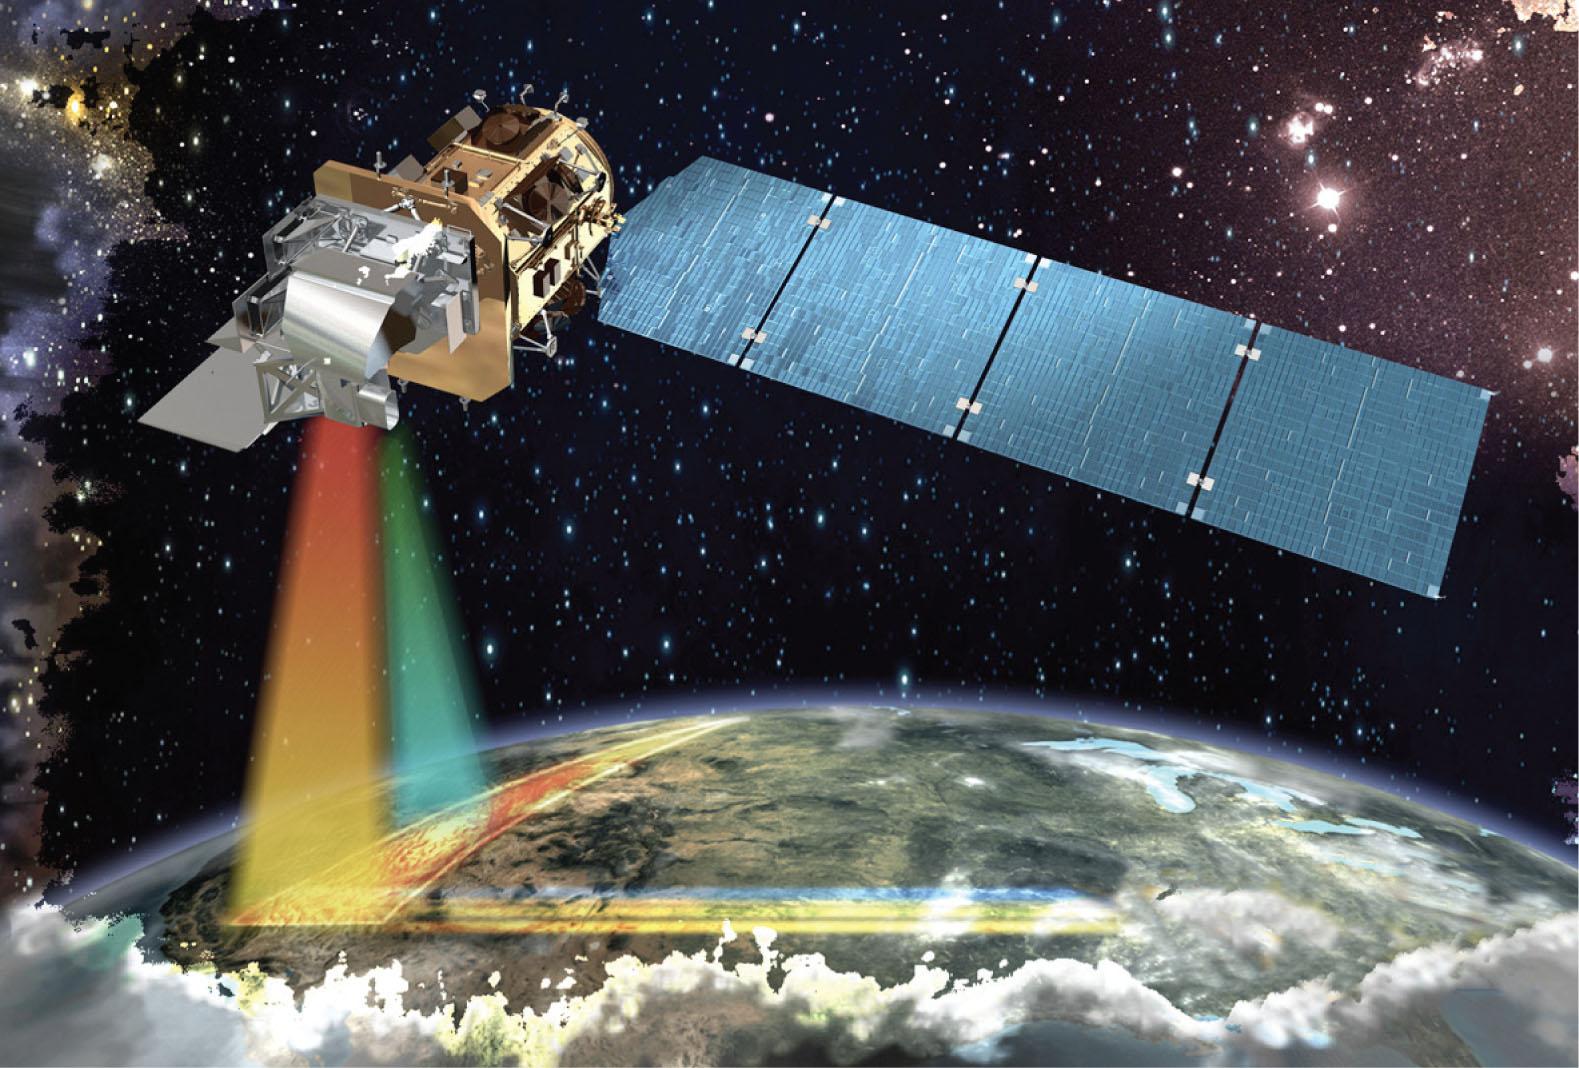 How to download Satellite images (Landsat, Sentinel and DEM)